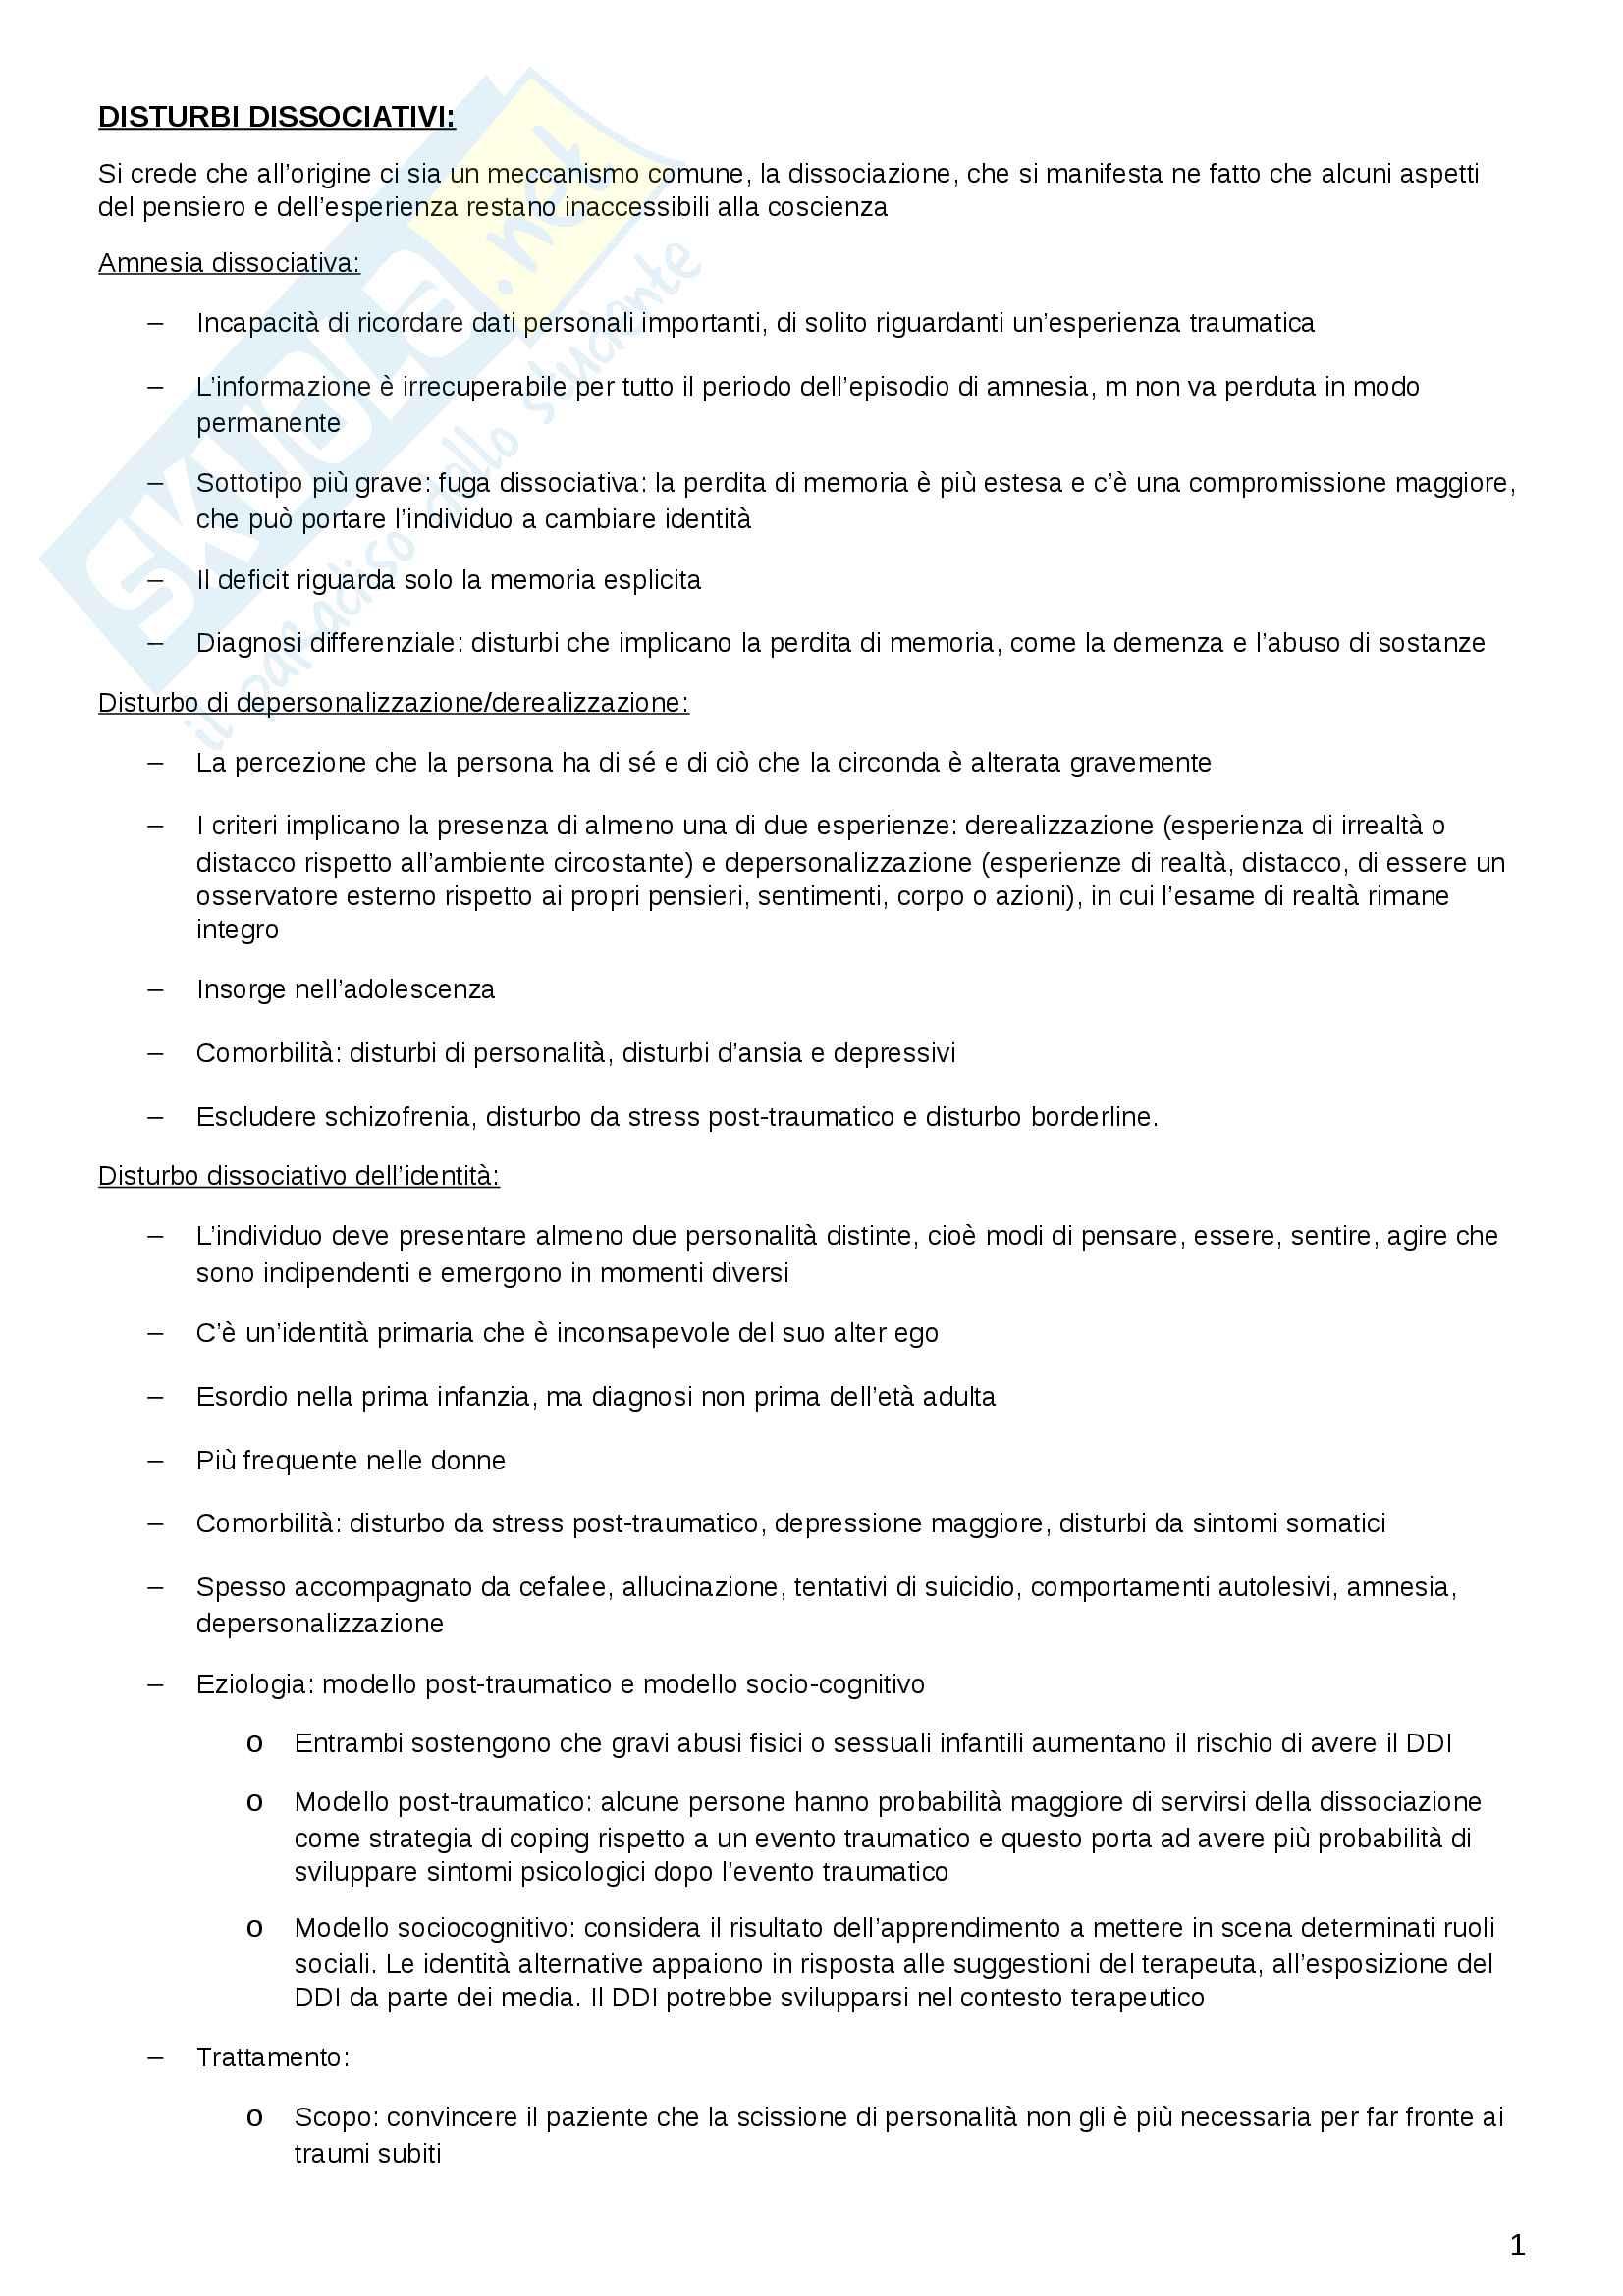 Riassunto DSM-V: disturbi e criteri